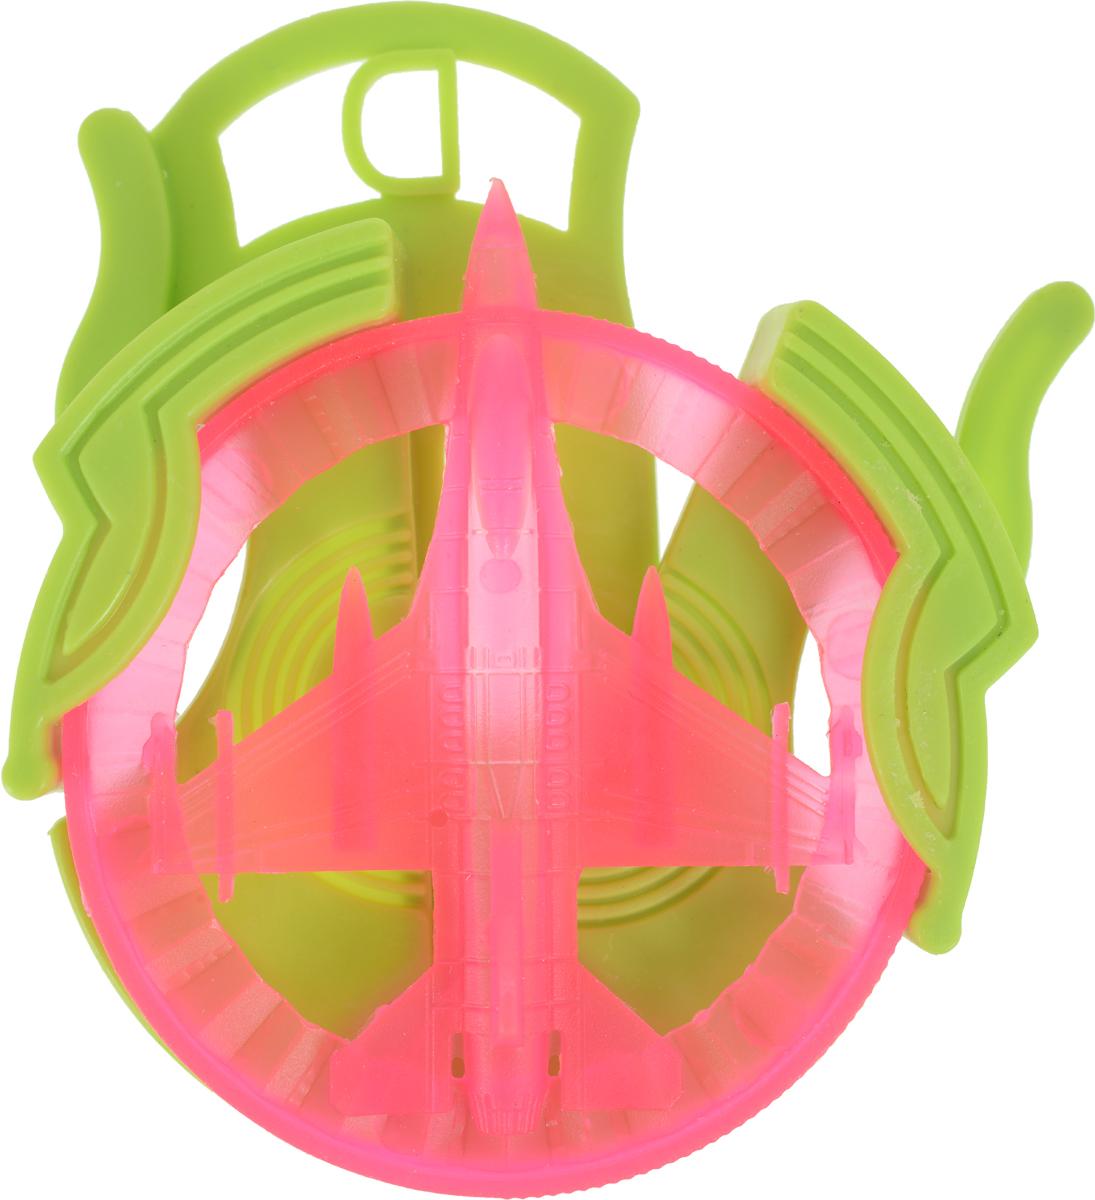 Sima-land Стрелялка Самолет цвет салатовый розовый 394294 кармашки на стену sima land приятные мелочи цвет салатовый розовый бордовый 5 шт